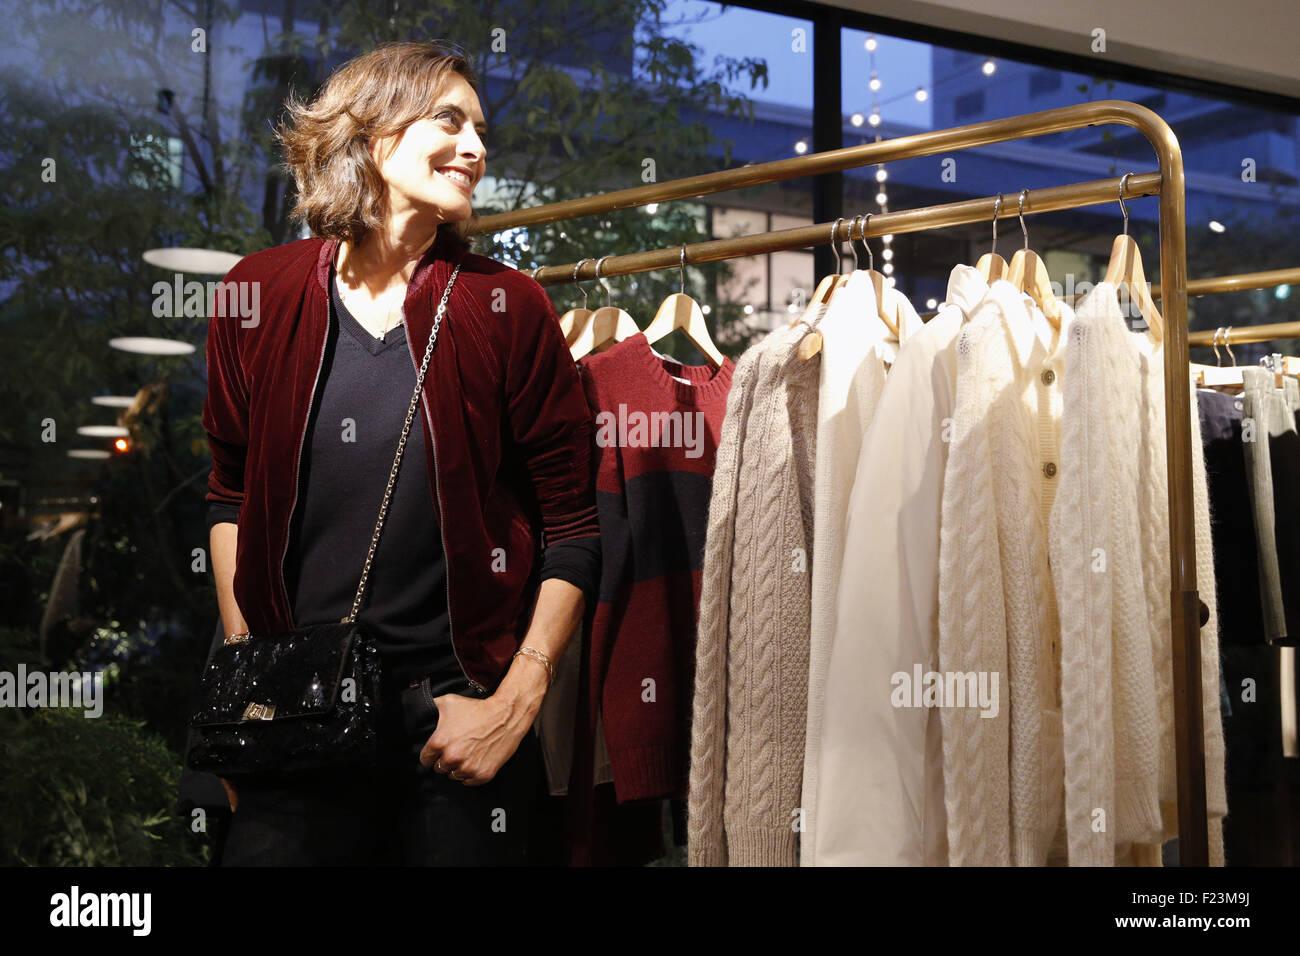 French fashion designer and former model Ines de la Fressange ...